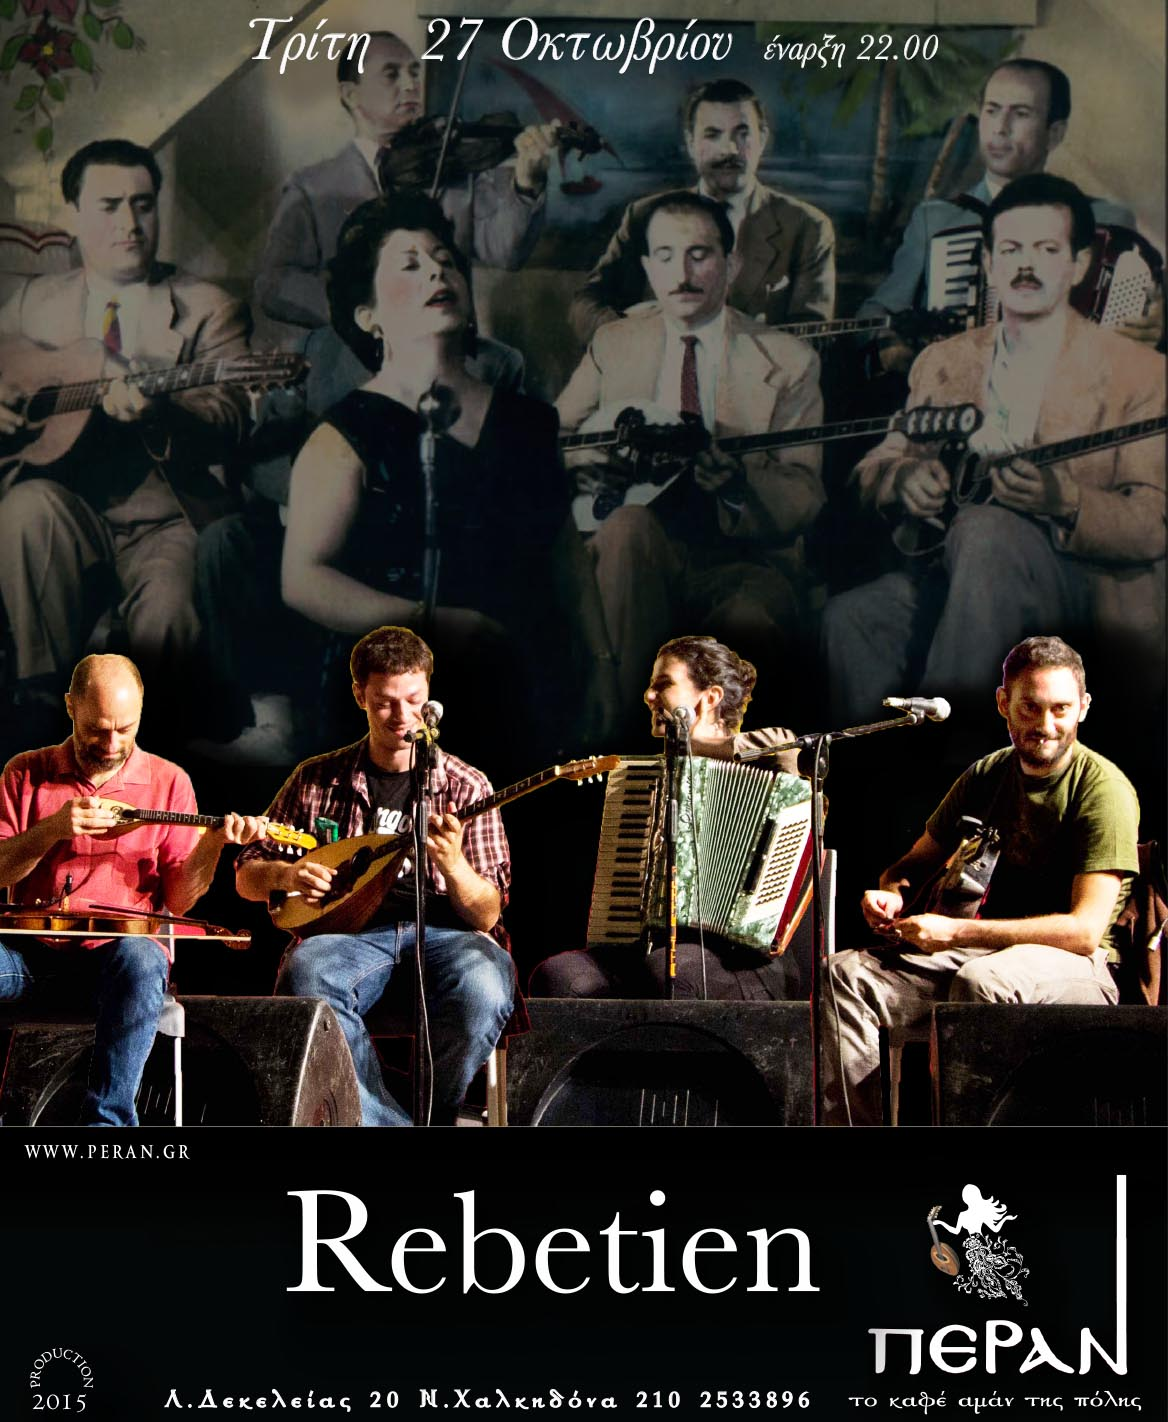 Rebetien2